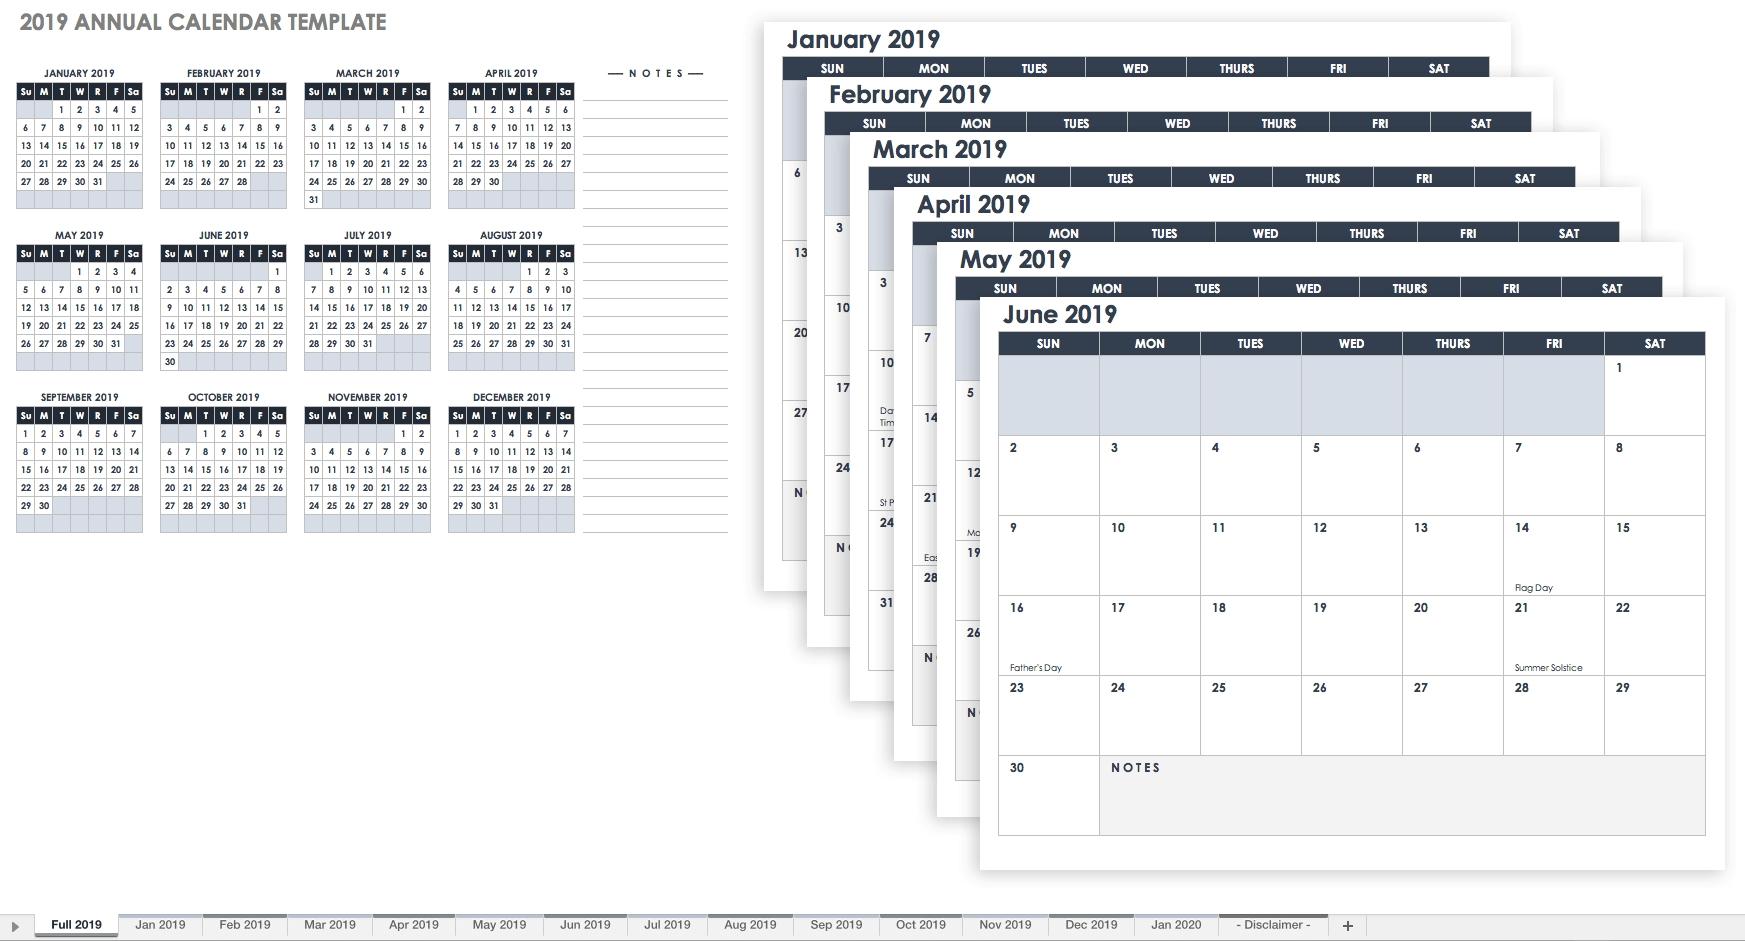 15 Free Monthly Calendar Templates | Smartsheet in Free 12 Month Birthday Calendar Template